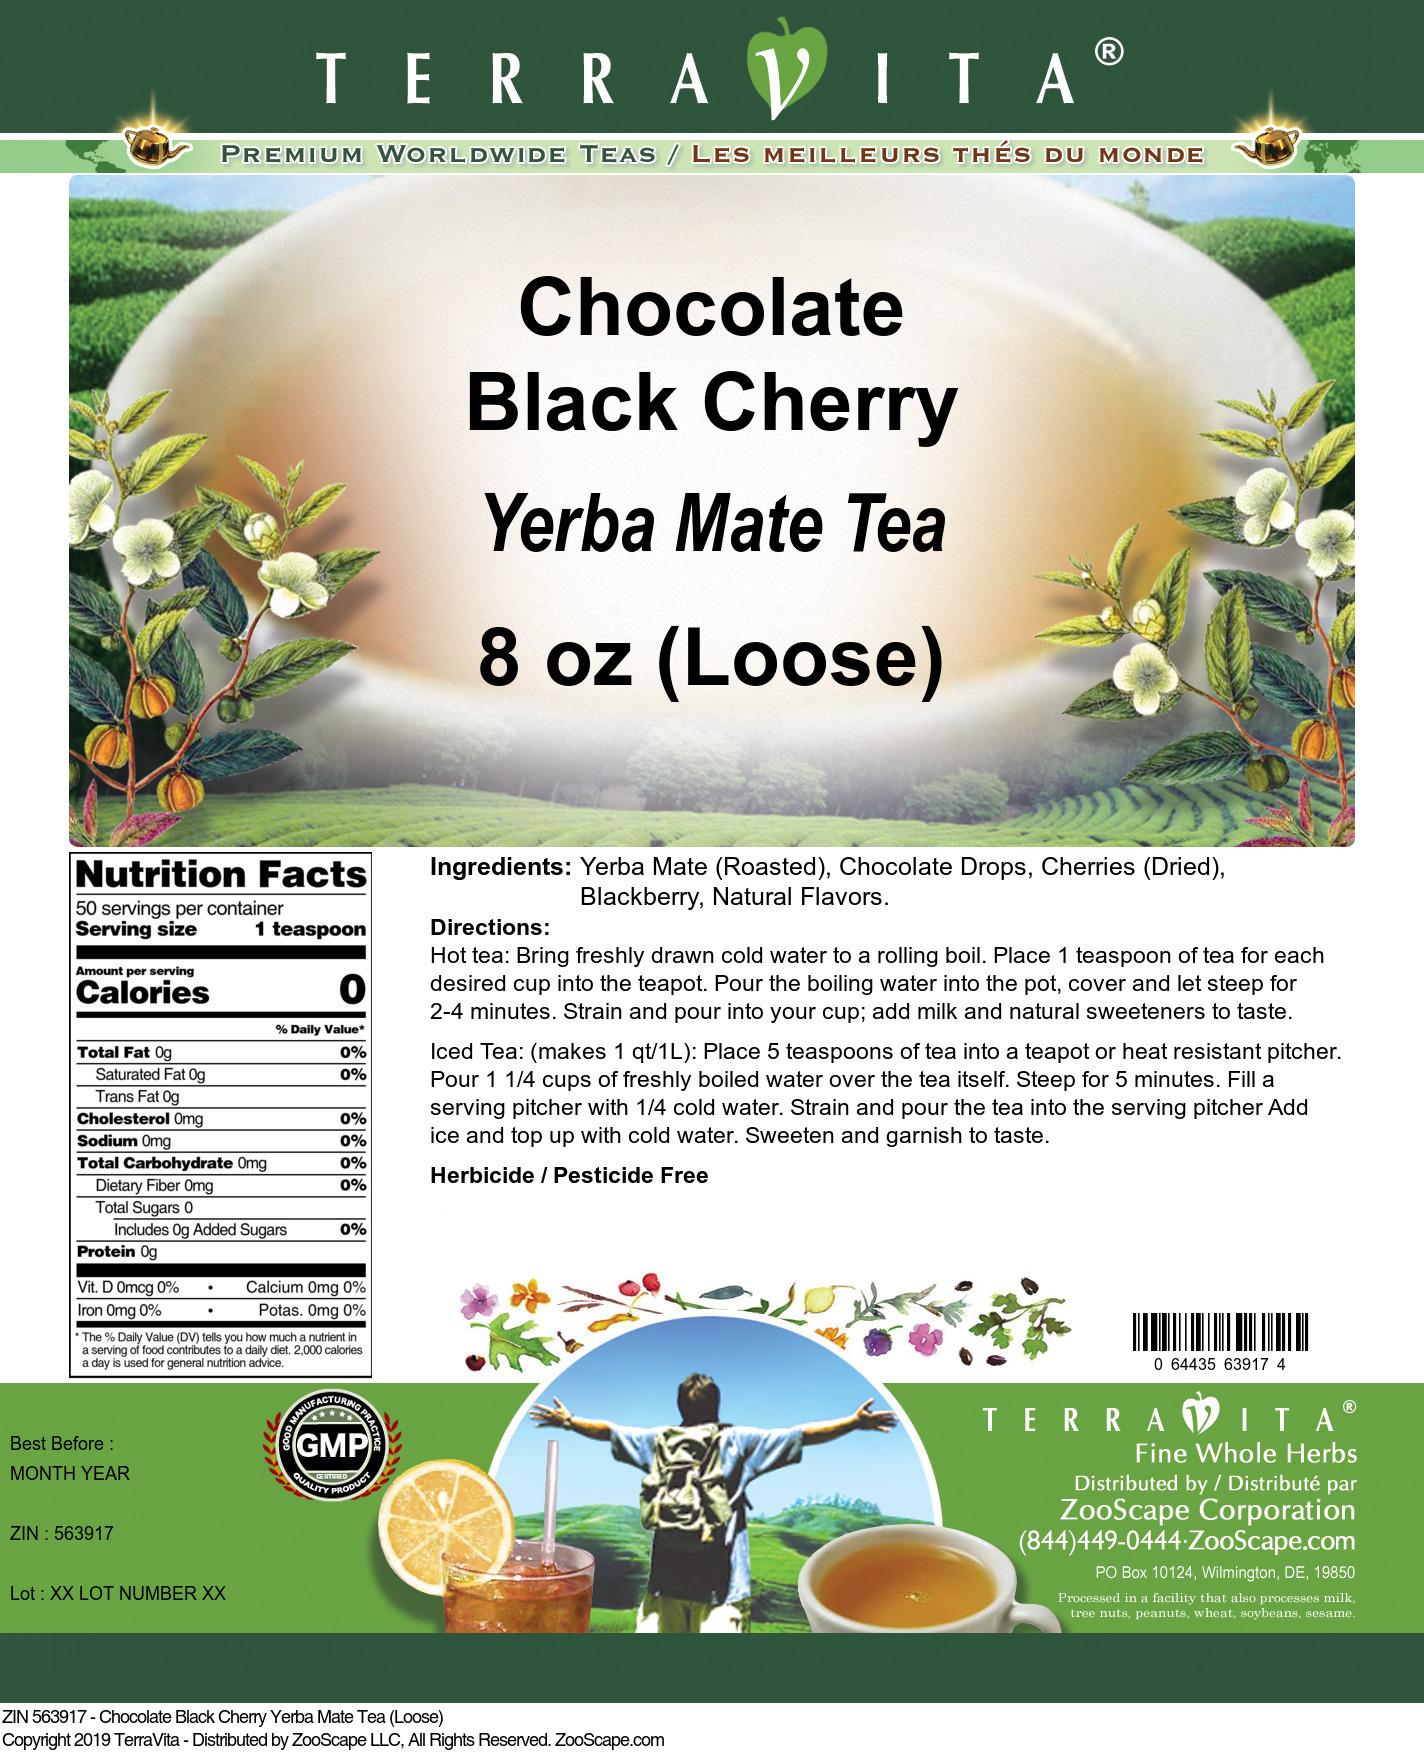 Chocolate Black Cherry Yerba Mate